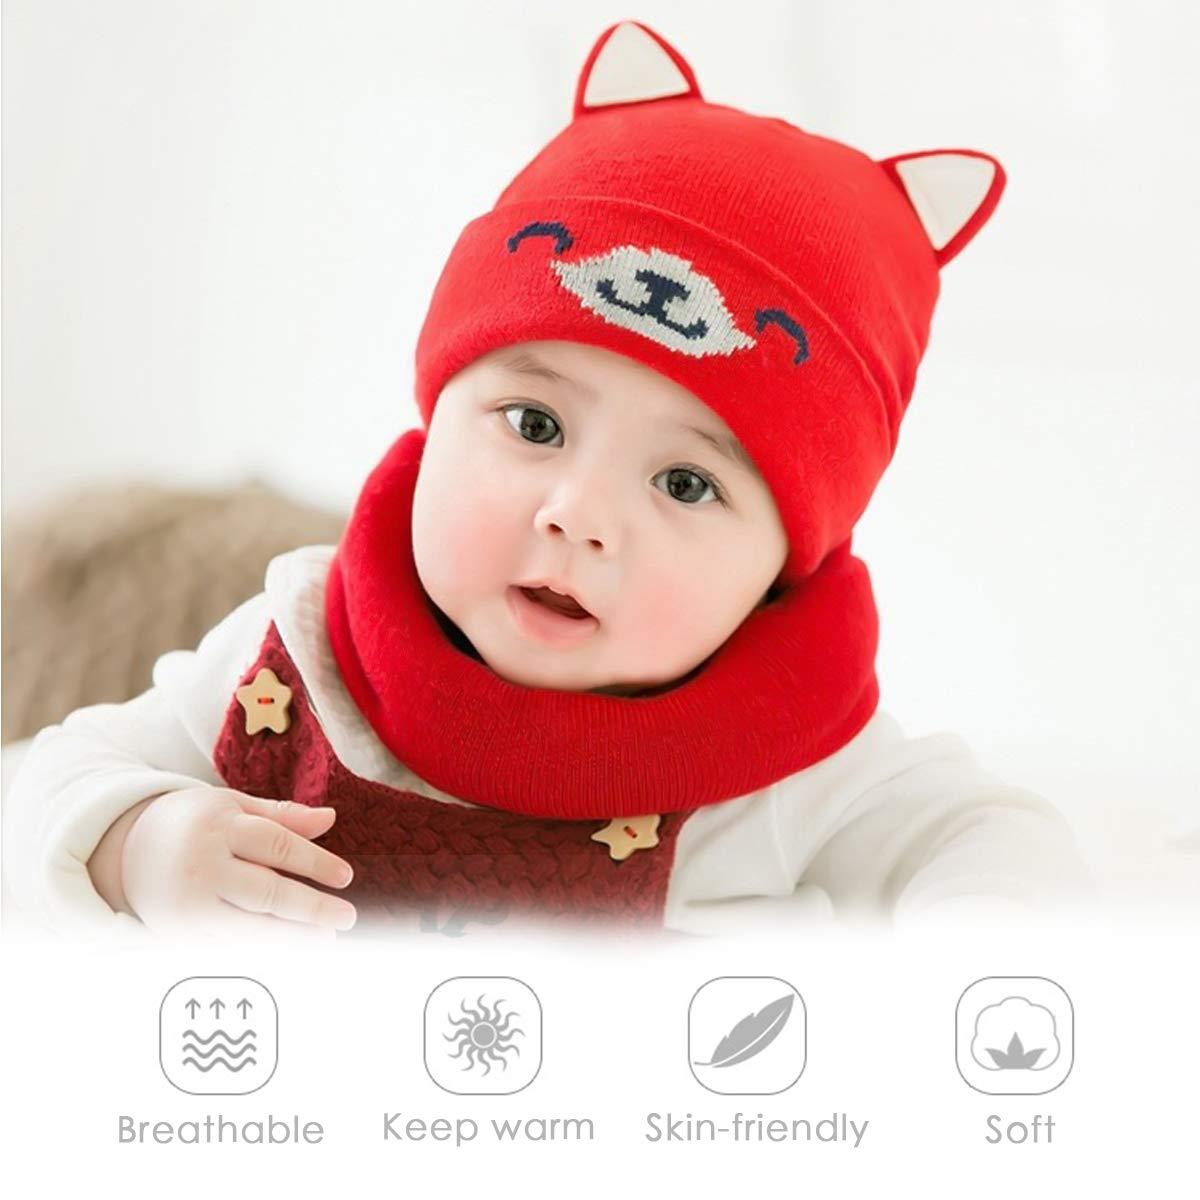 ZONSUSE Chapeau B/éb/é Bonnet B/éb/é Echarpe Set Bonnet Chapeau Tricot/é Chaud Bonnet dhiver Chapeau Convient pour b/éb/é de 3 /à 22 Mois